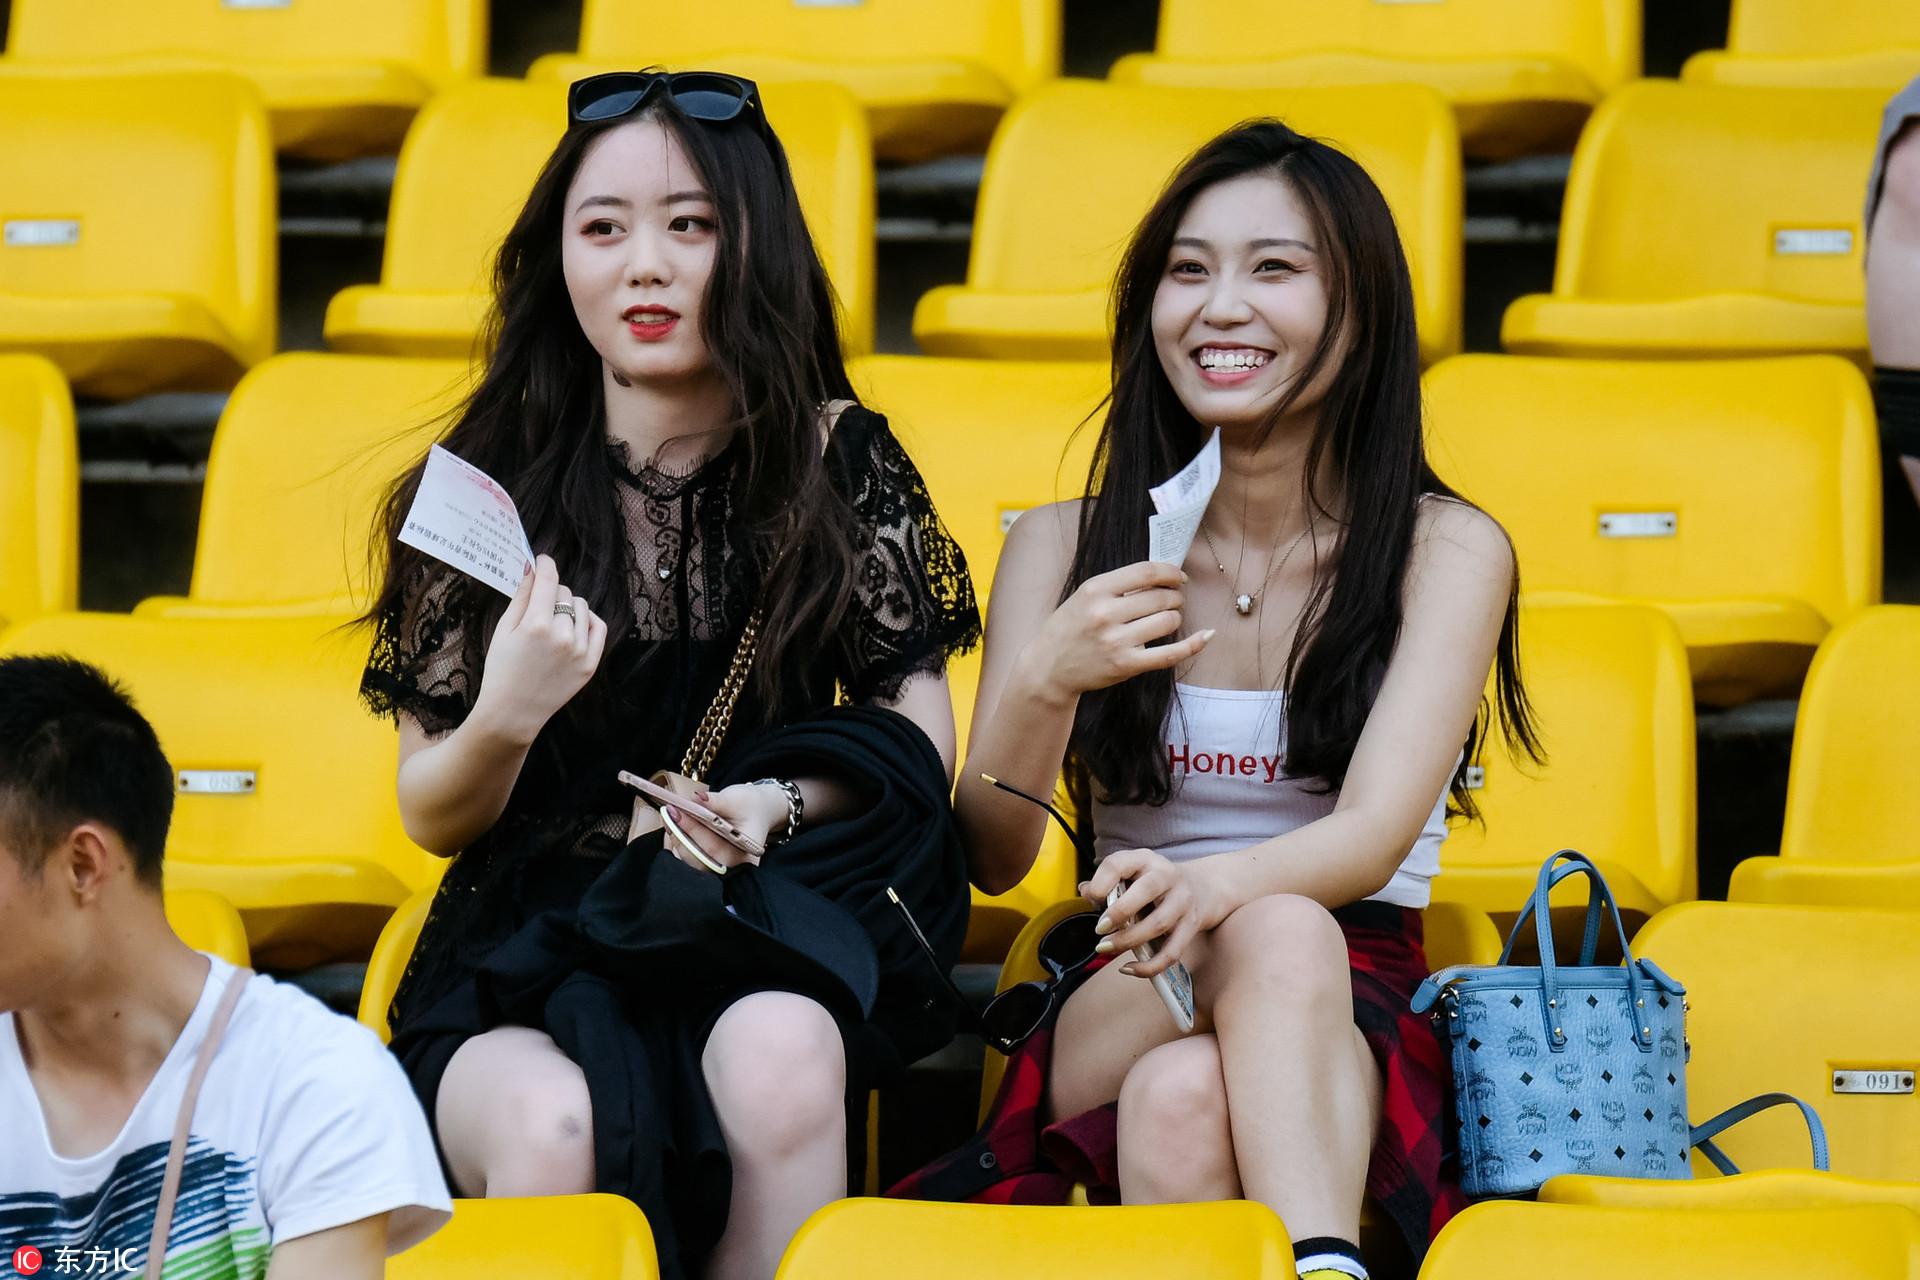 高清:熊猫杯中国vs乌拉圭 看台美女球迷云集